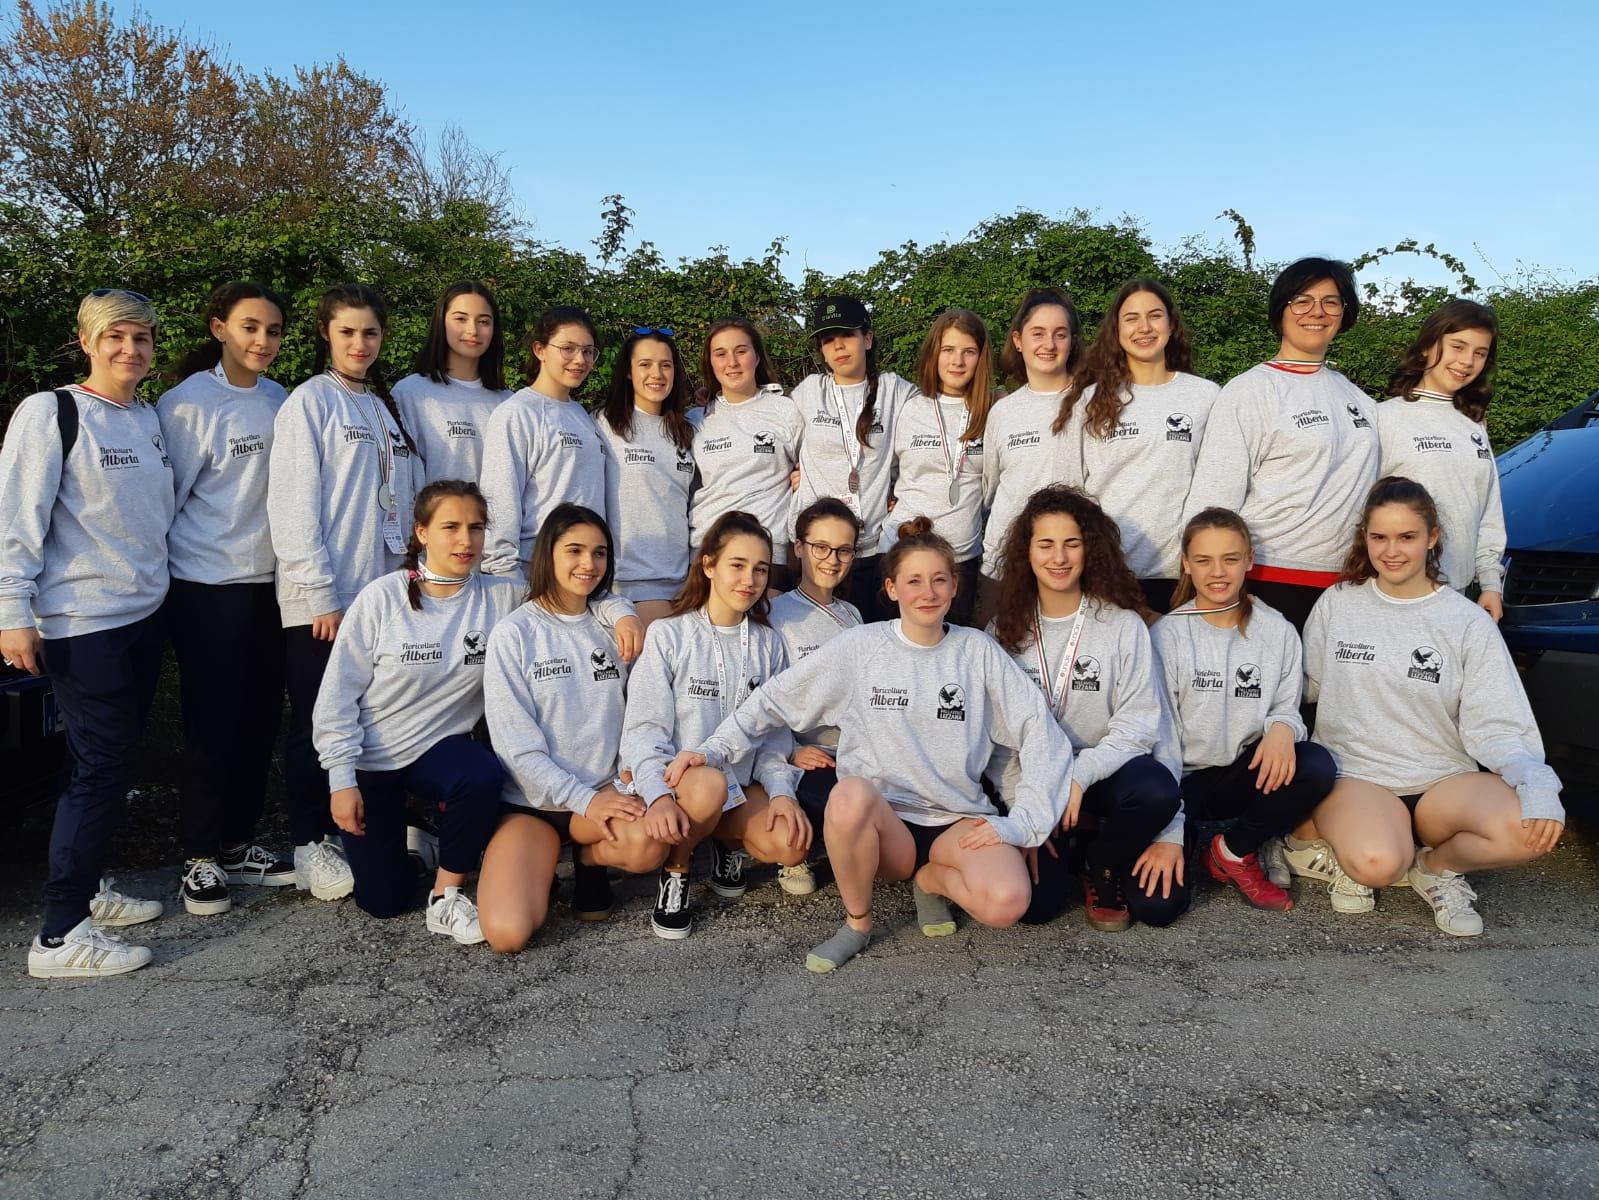 Ester Volley 9